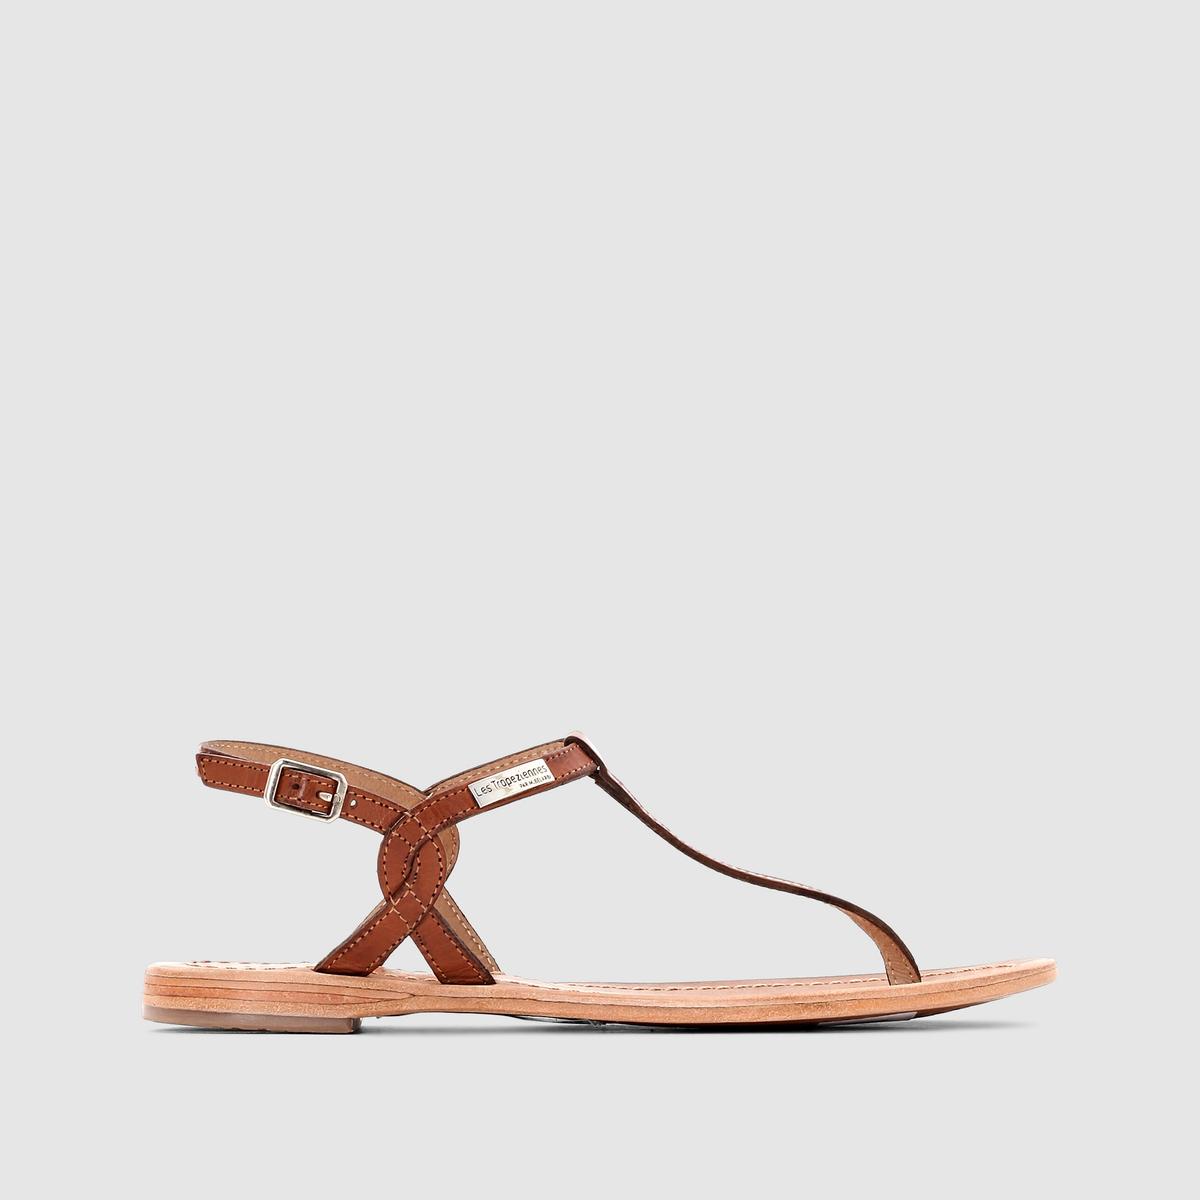 Сандалии кожаные, BillyИзящная форма, минималистичный дизайн, тонкий кожаный ремешок со змеиным рисунком, - эти элегантные сандалии порадуют Вас этим летом!<br><br>Цвет: бронзовый,синий морской,темно-коричневый,черный<br>Размер: 40.41.36.37.41